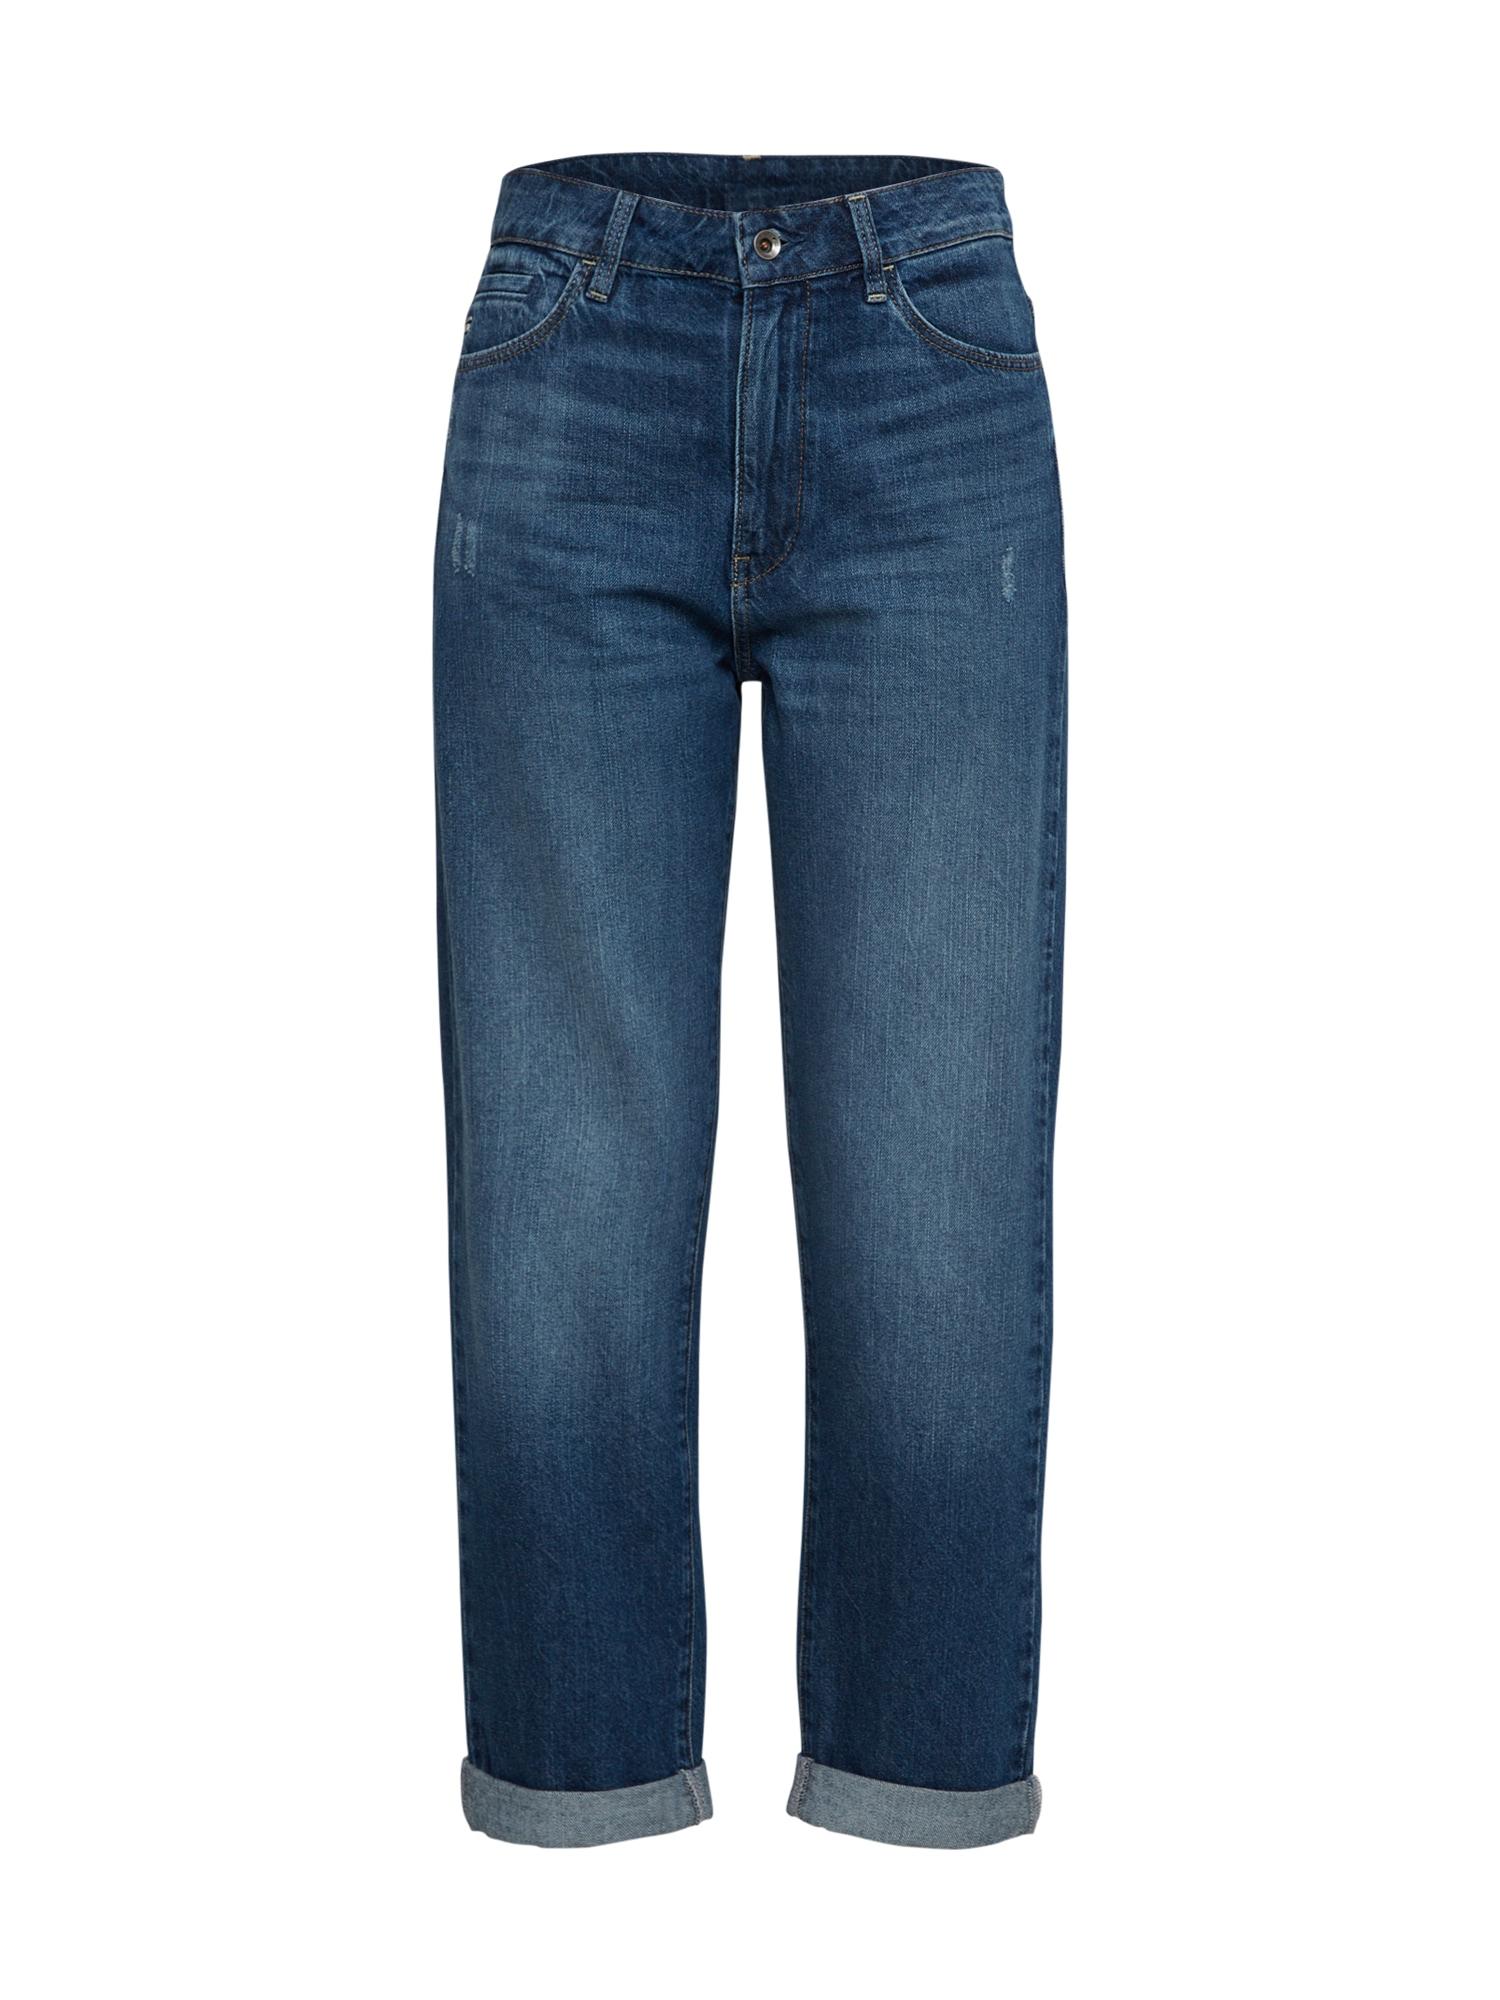 G-STAR RAW Dames Jeans Midge Deconst High Boyfriend blauw denim